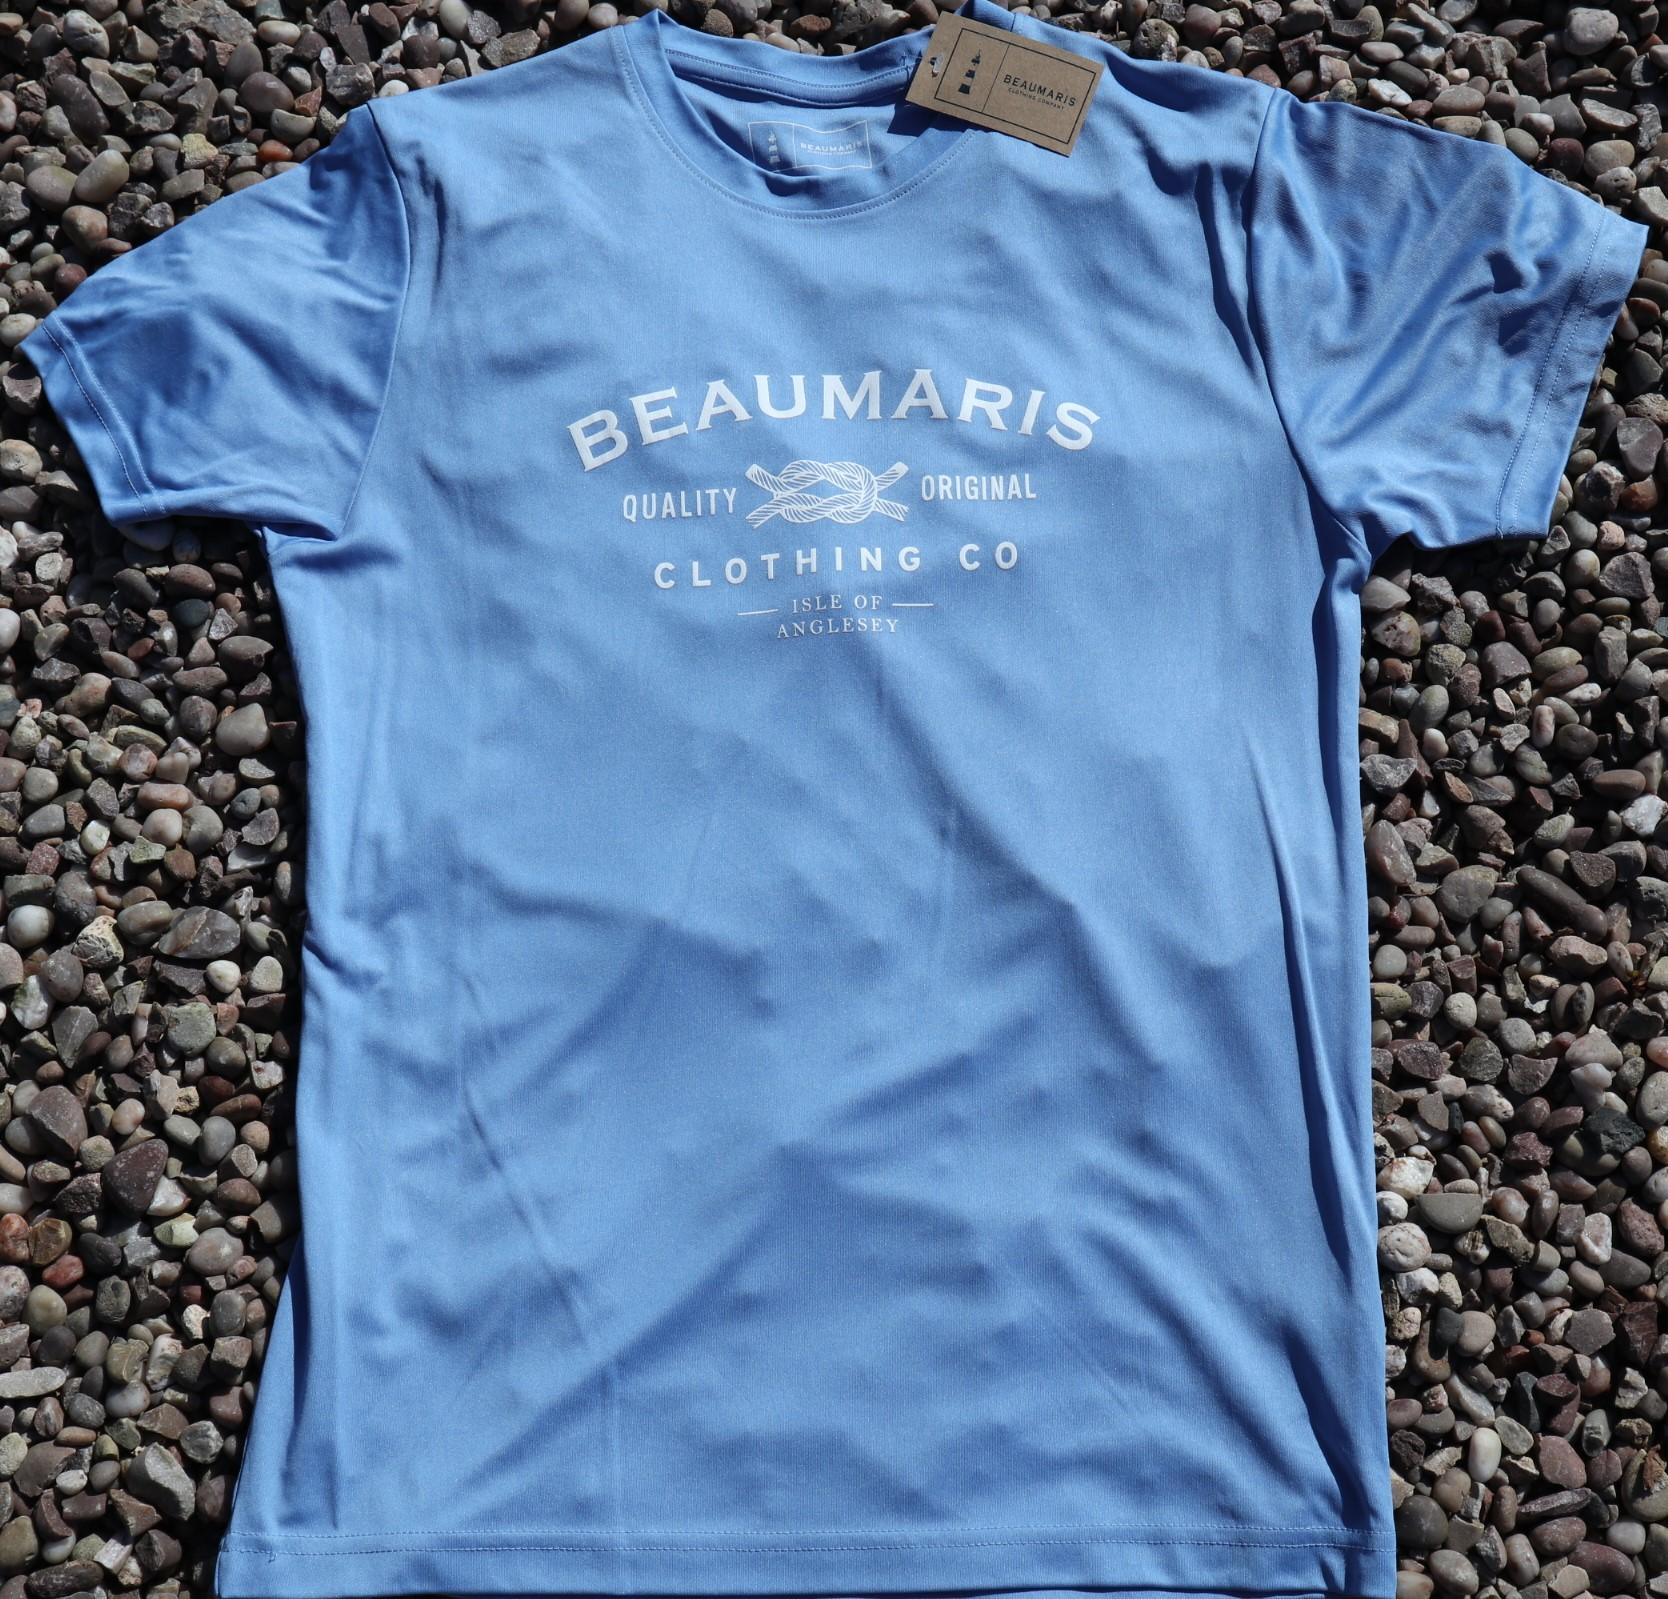 Beaumaris clothing company logo tee sky